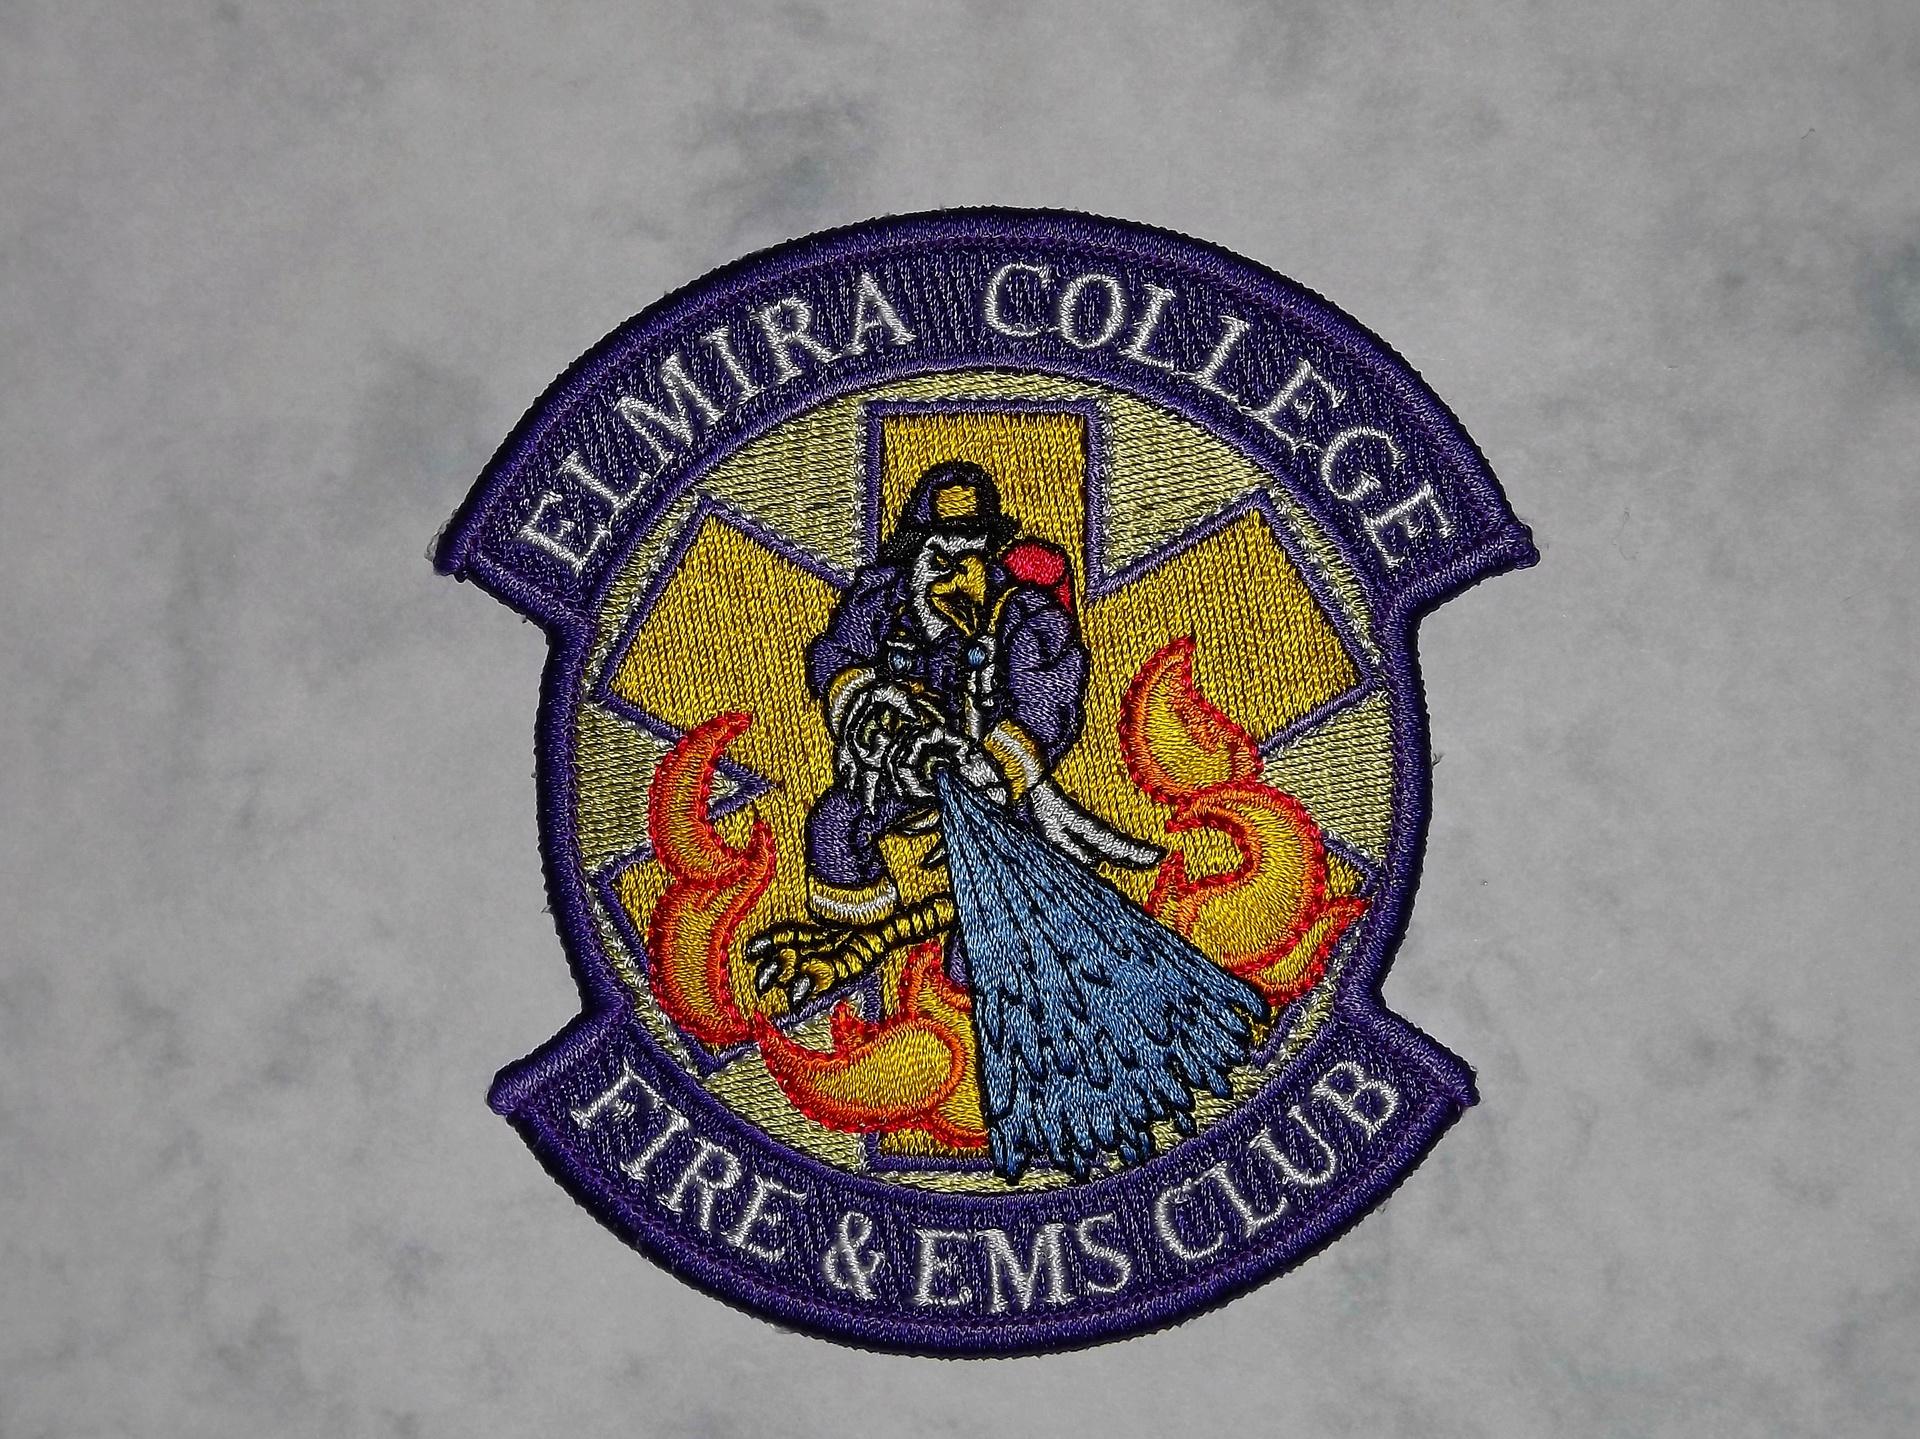 Elmira College Fire&EMS Club